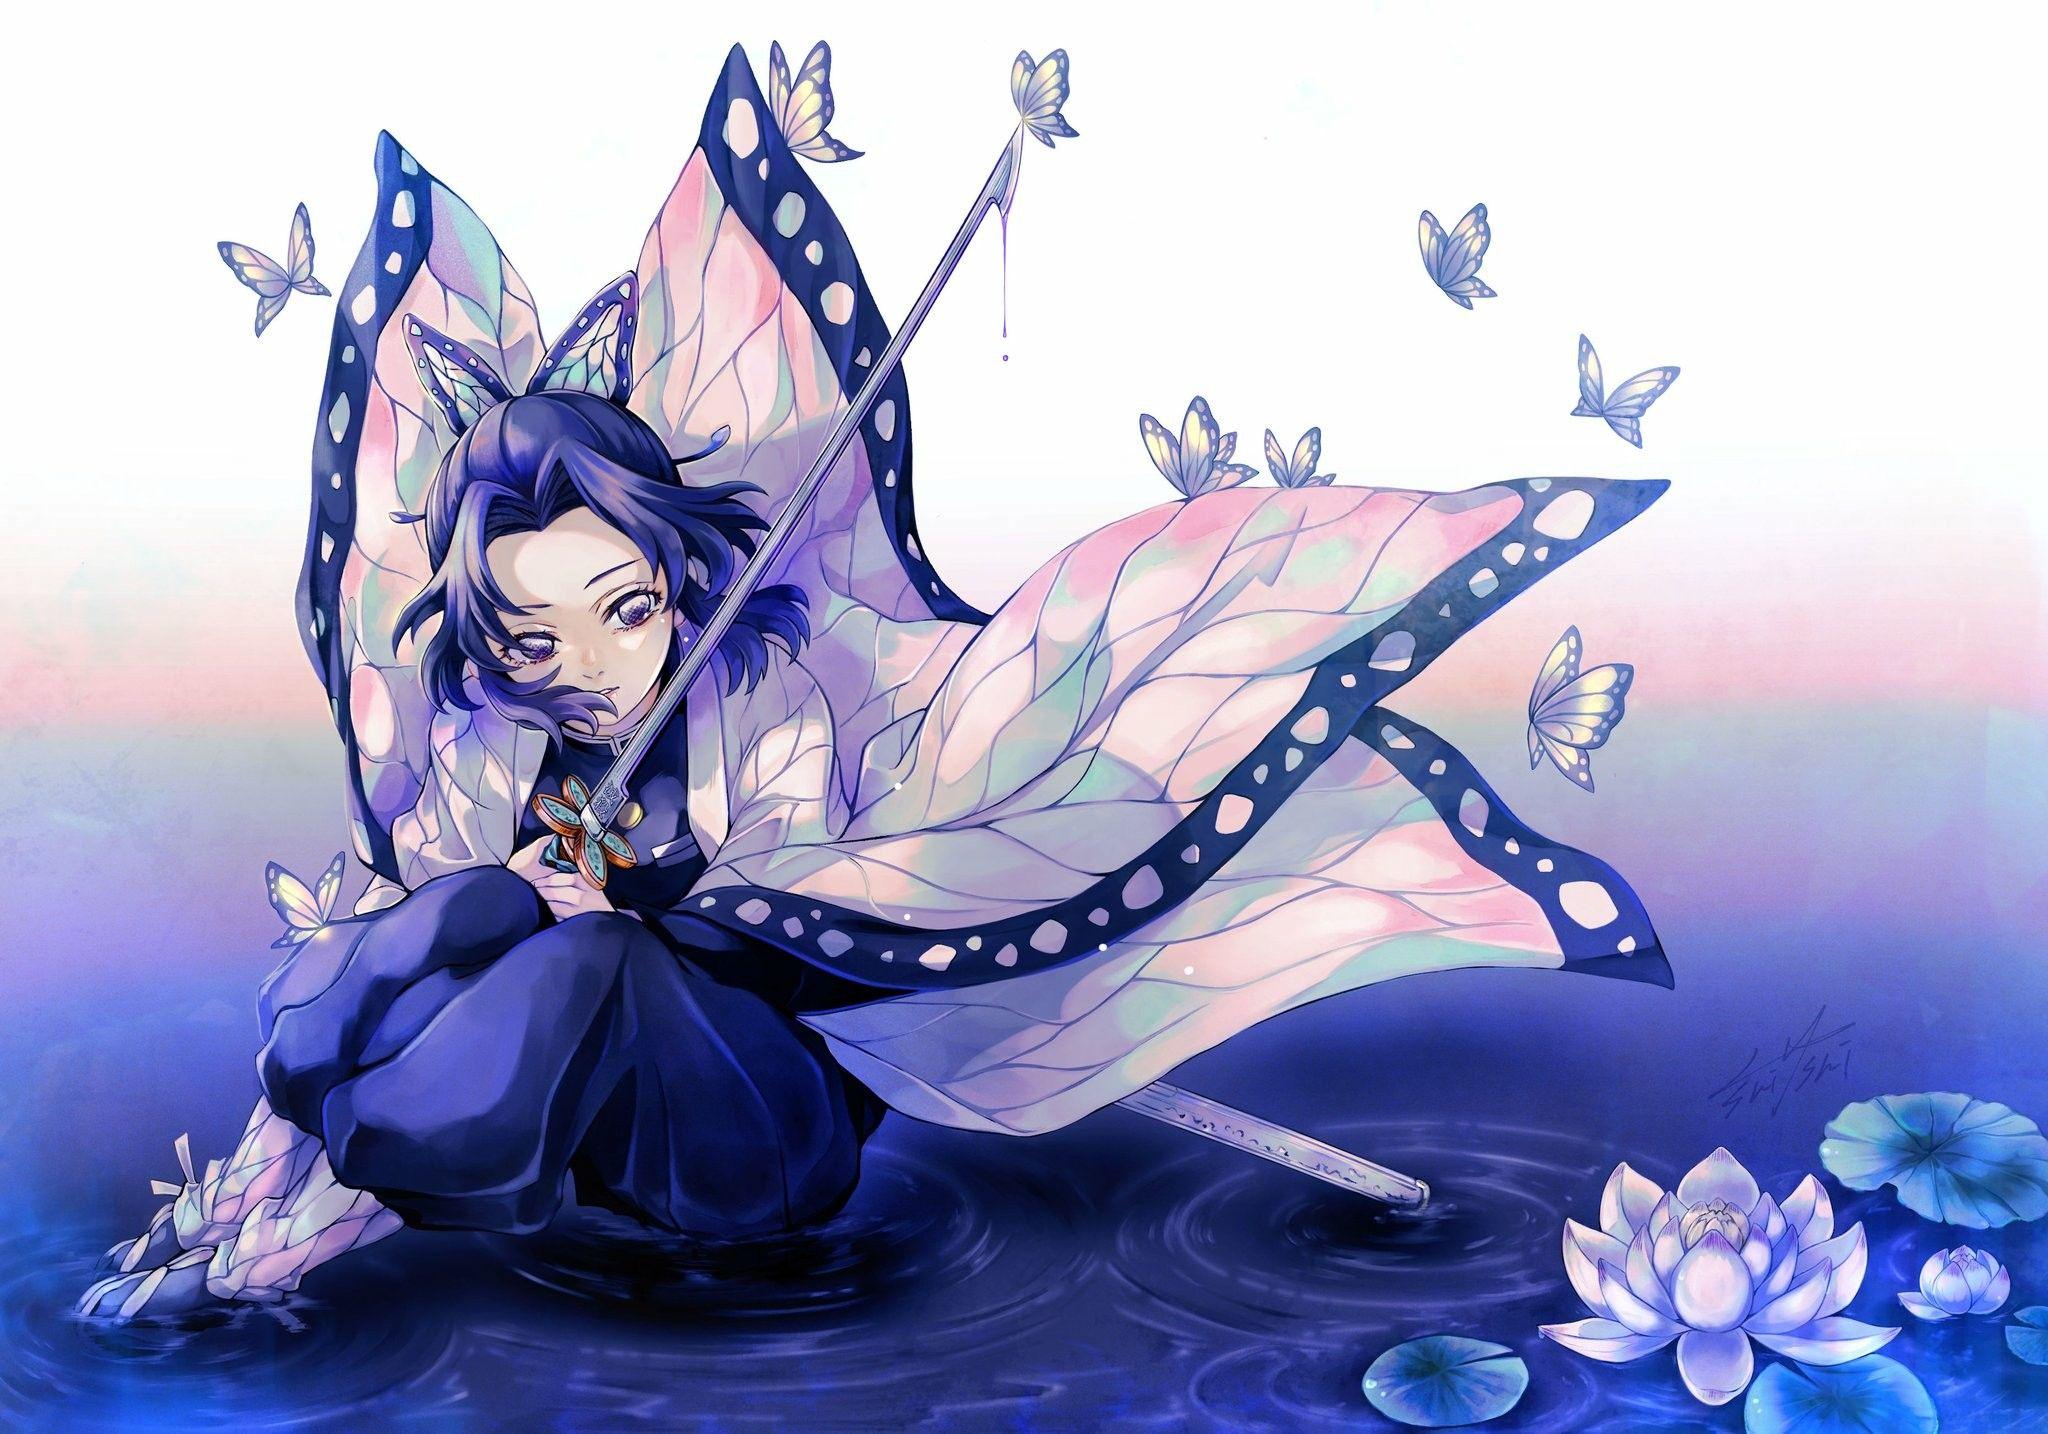 胡蝶しのぶカッコいい画像 【鬼滅の刃】胡蝶しのぶがかっこいい!毒使い!